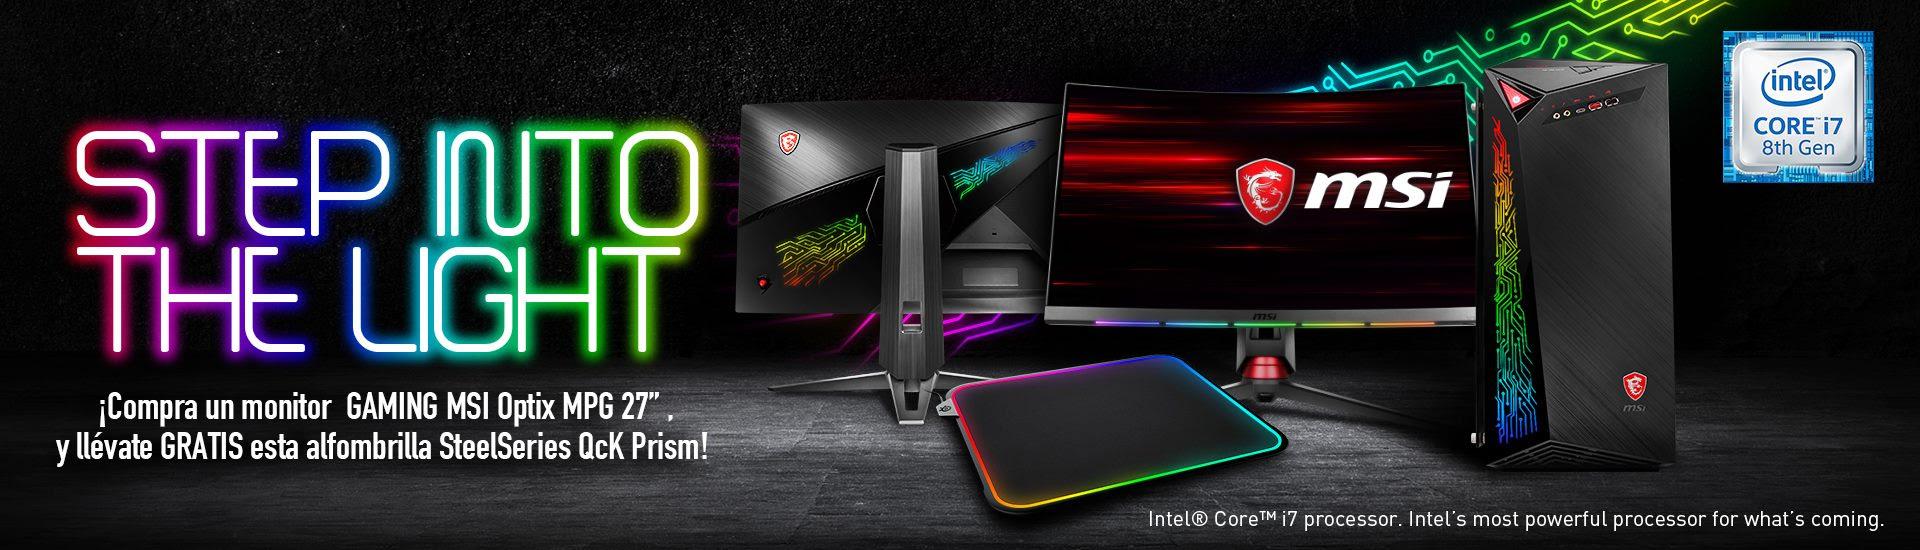 NP: MSI y SteelSeries presentan el primer monitor gaming curvo del mundo con PrismSync e integración GameSense